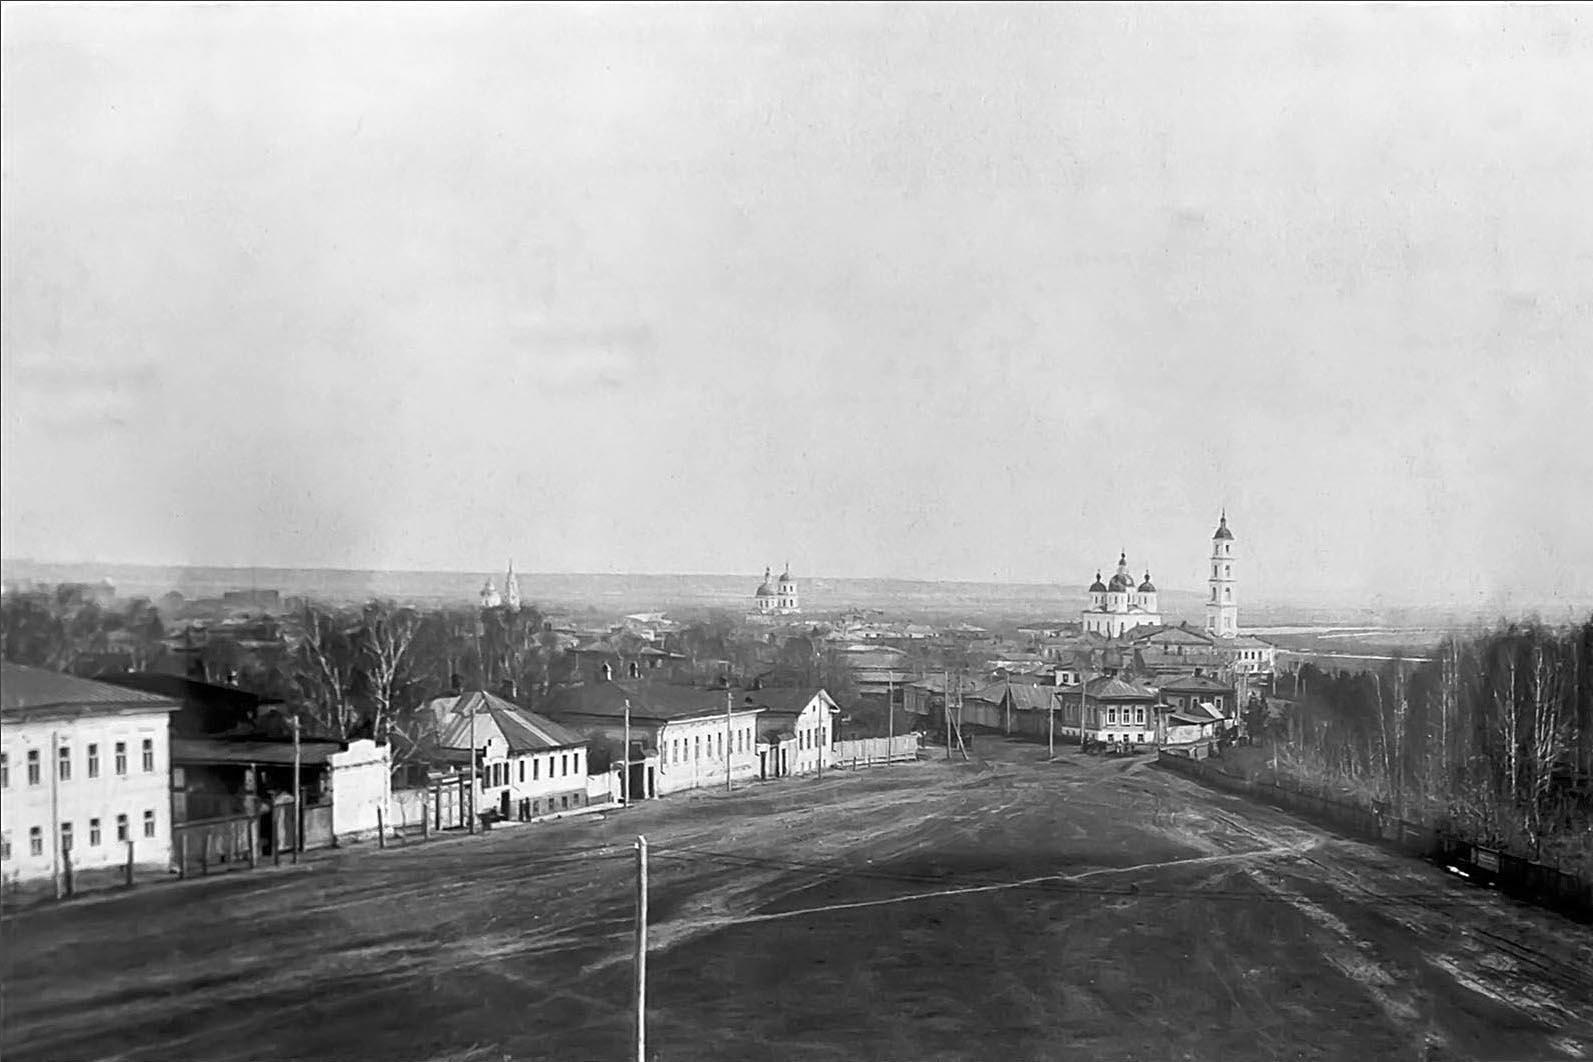 Панорама Елабуги, вид с колокольни Троицкой церкви